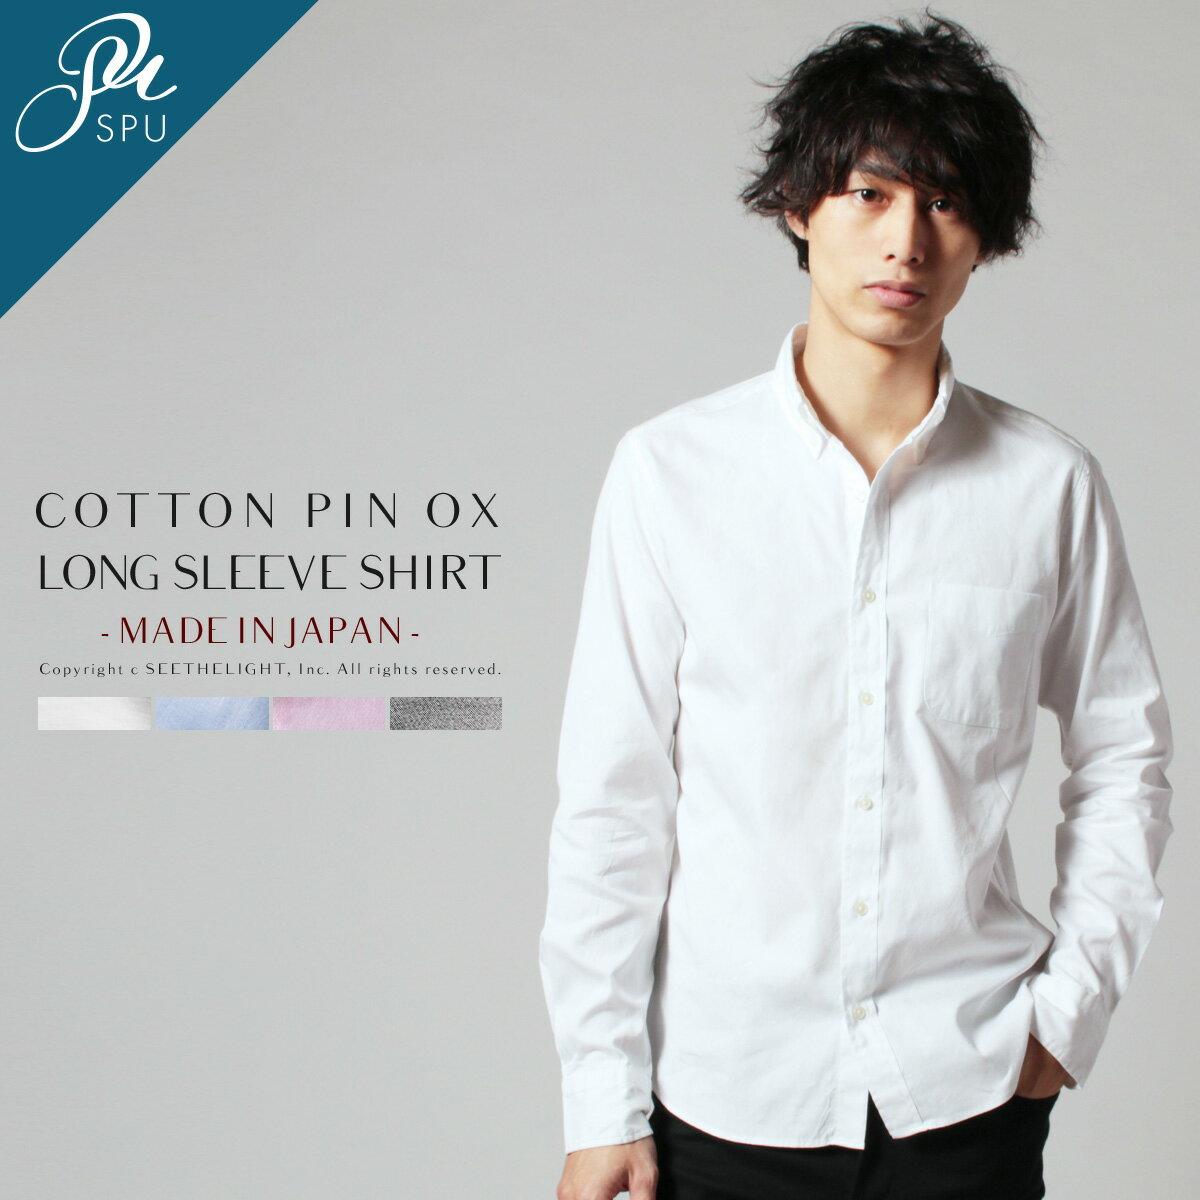 シャツ メンズ 日本製 ホワイト 白 白シャツ ビジネス ビジカジ オックスシャツ オックスフォードシャツ 超長綿 ピンオックス 長袖シャツ SPU スプ